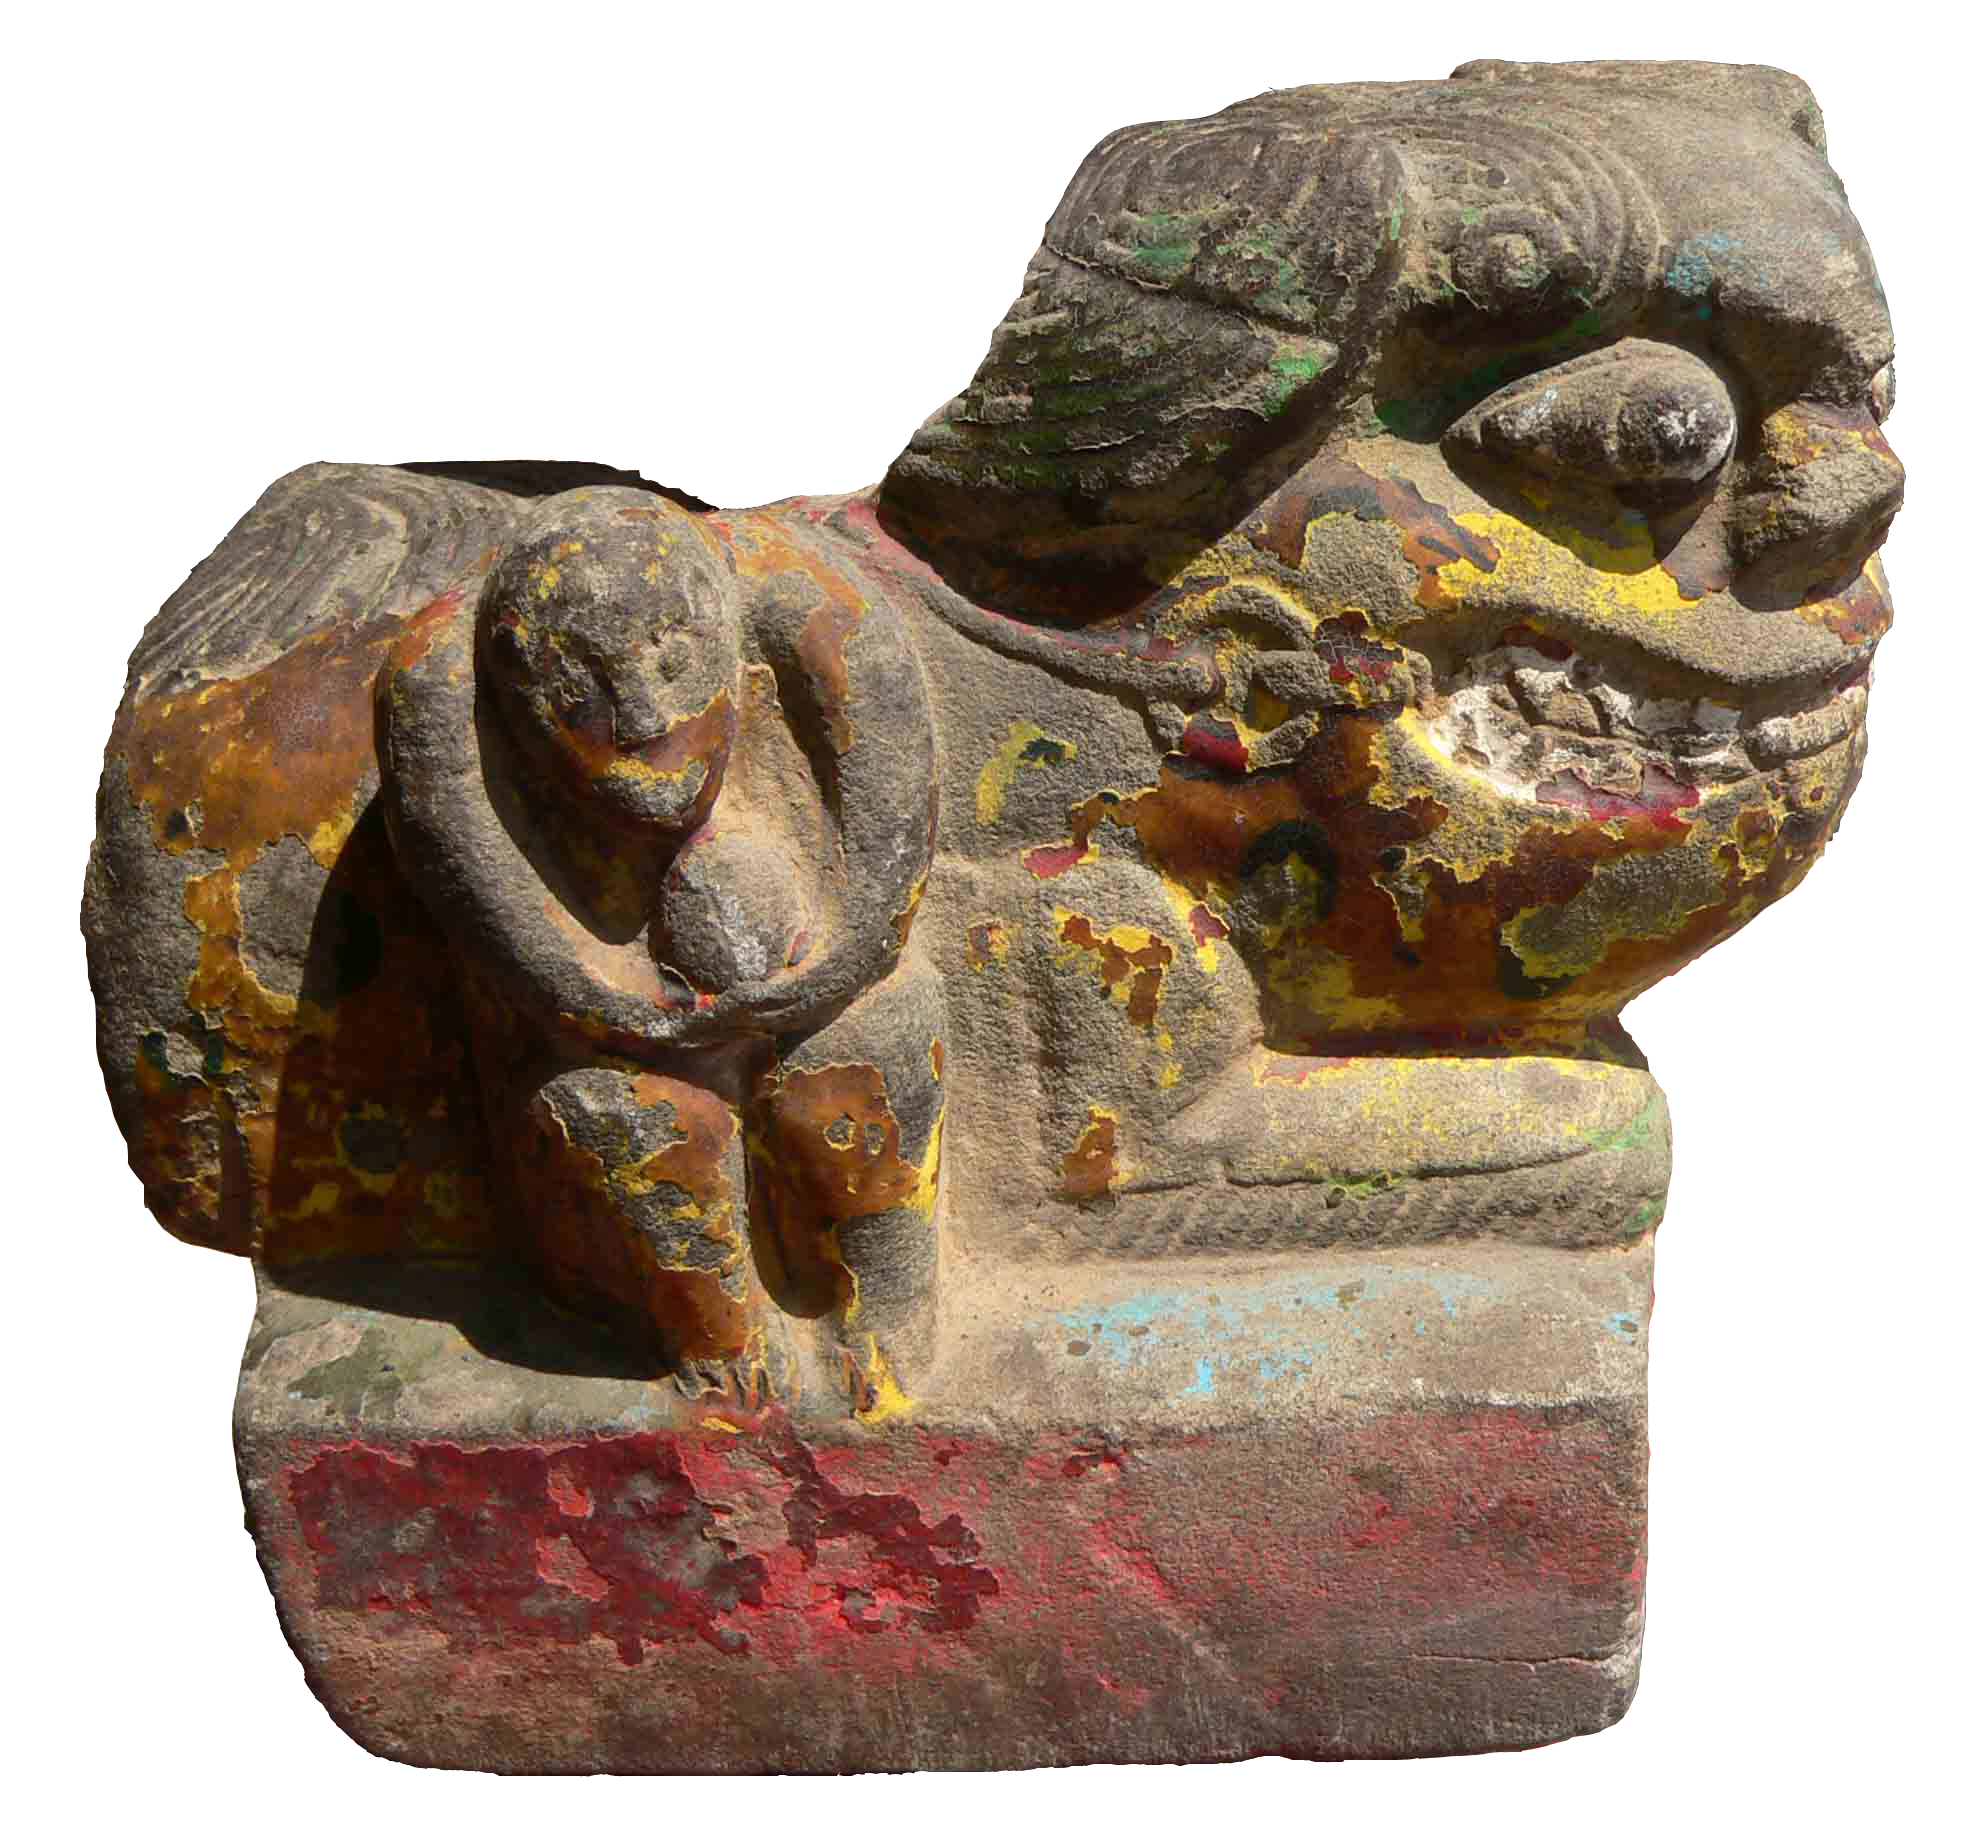 中国的土地上原本不生存狮子,为什么会出现艺术形象的炕头石狮?